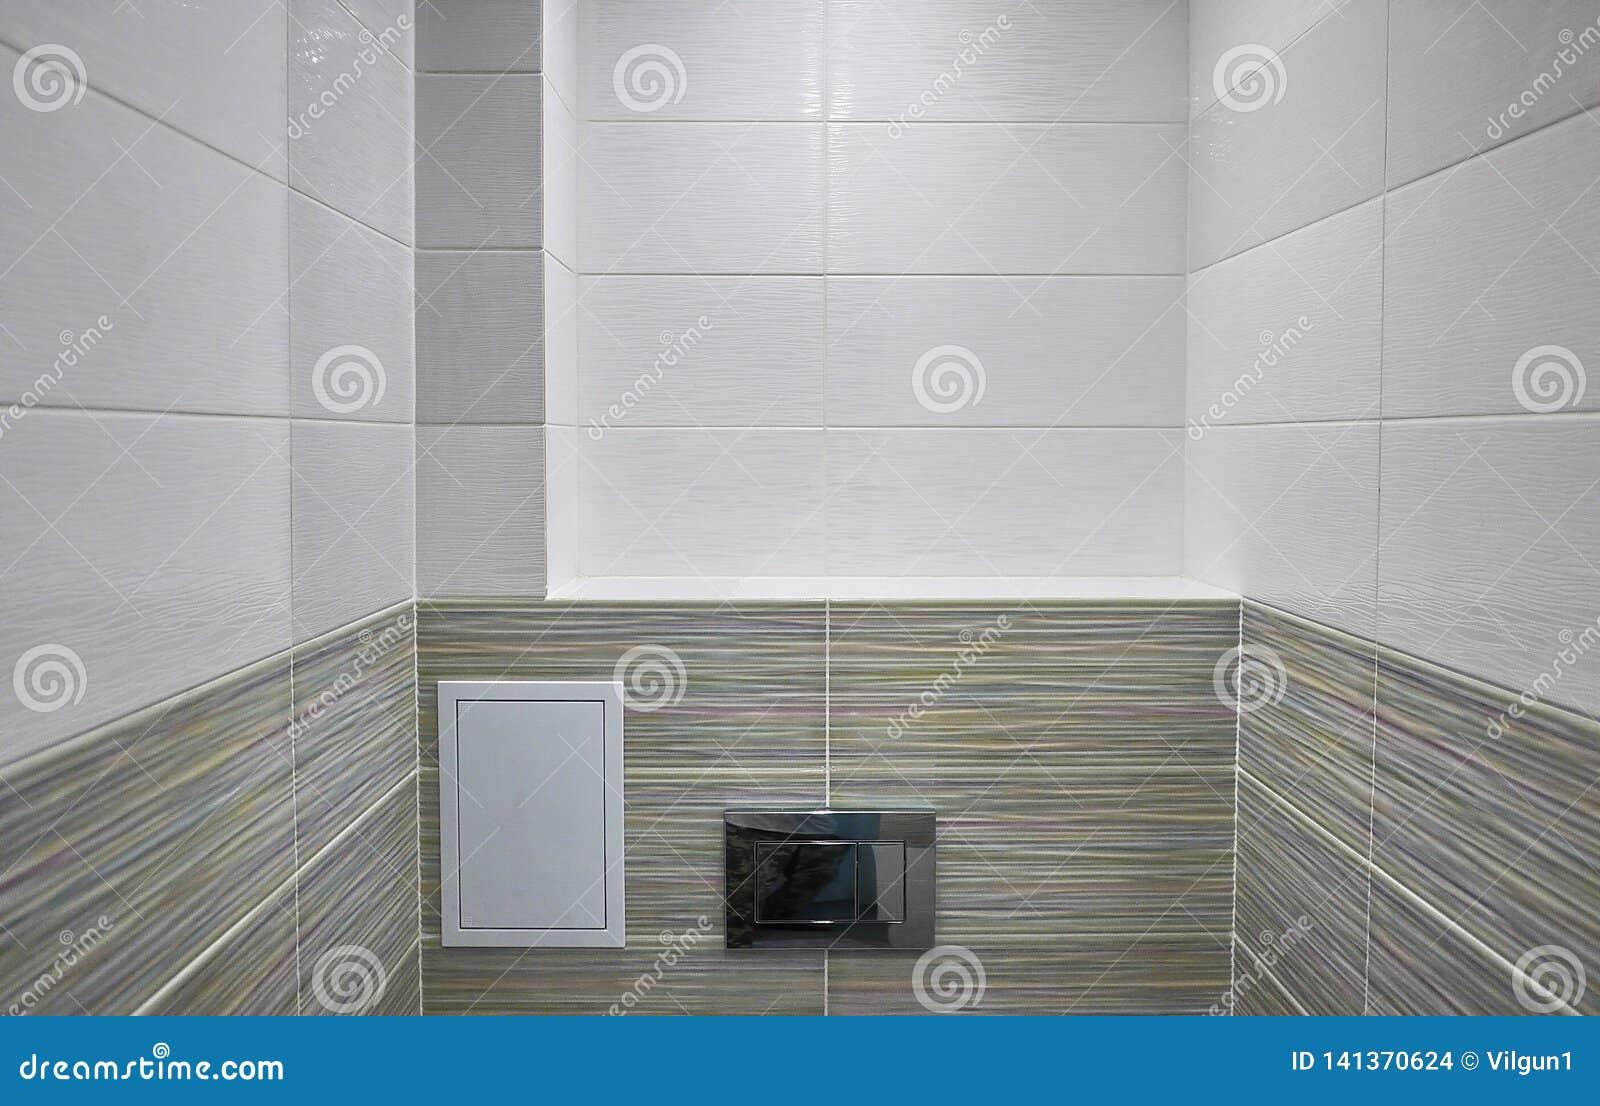 Toaletowy projekt z obmurowaną toaletą Obmurowana toaleta zrobi gdy instalacja wszystkie elementy oprócz toalety, chuje